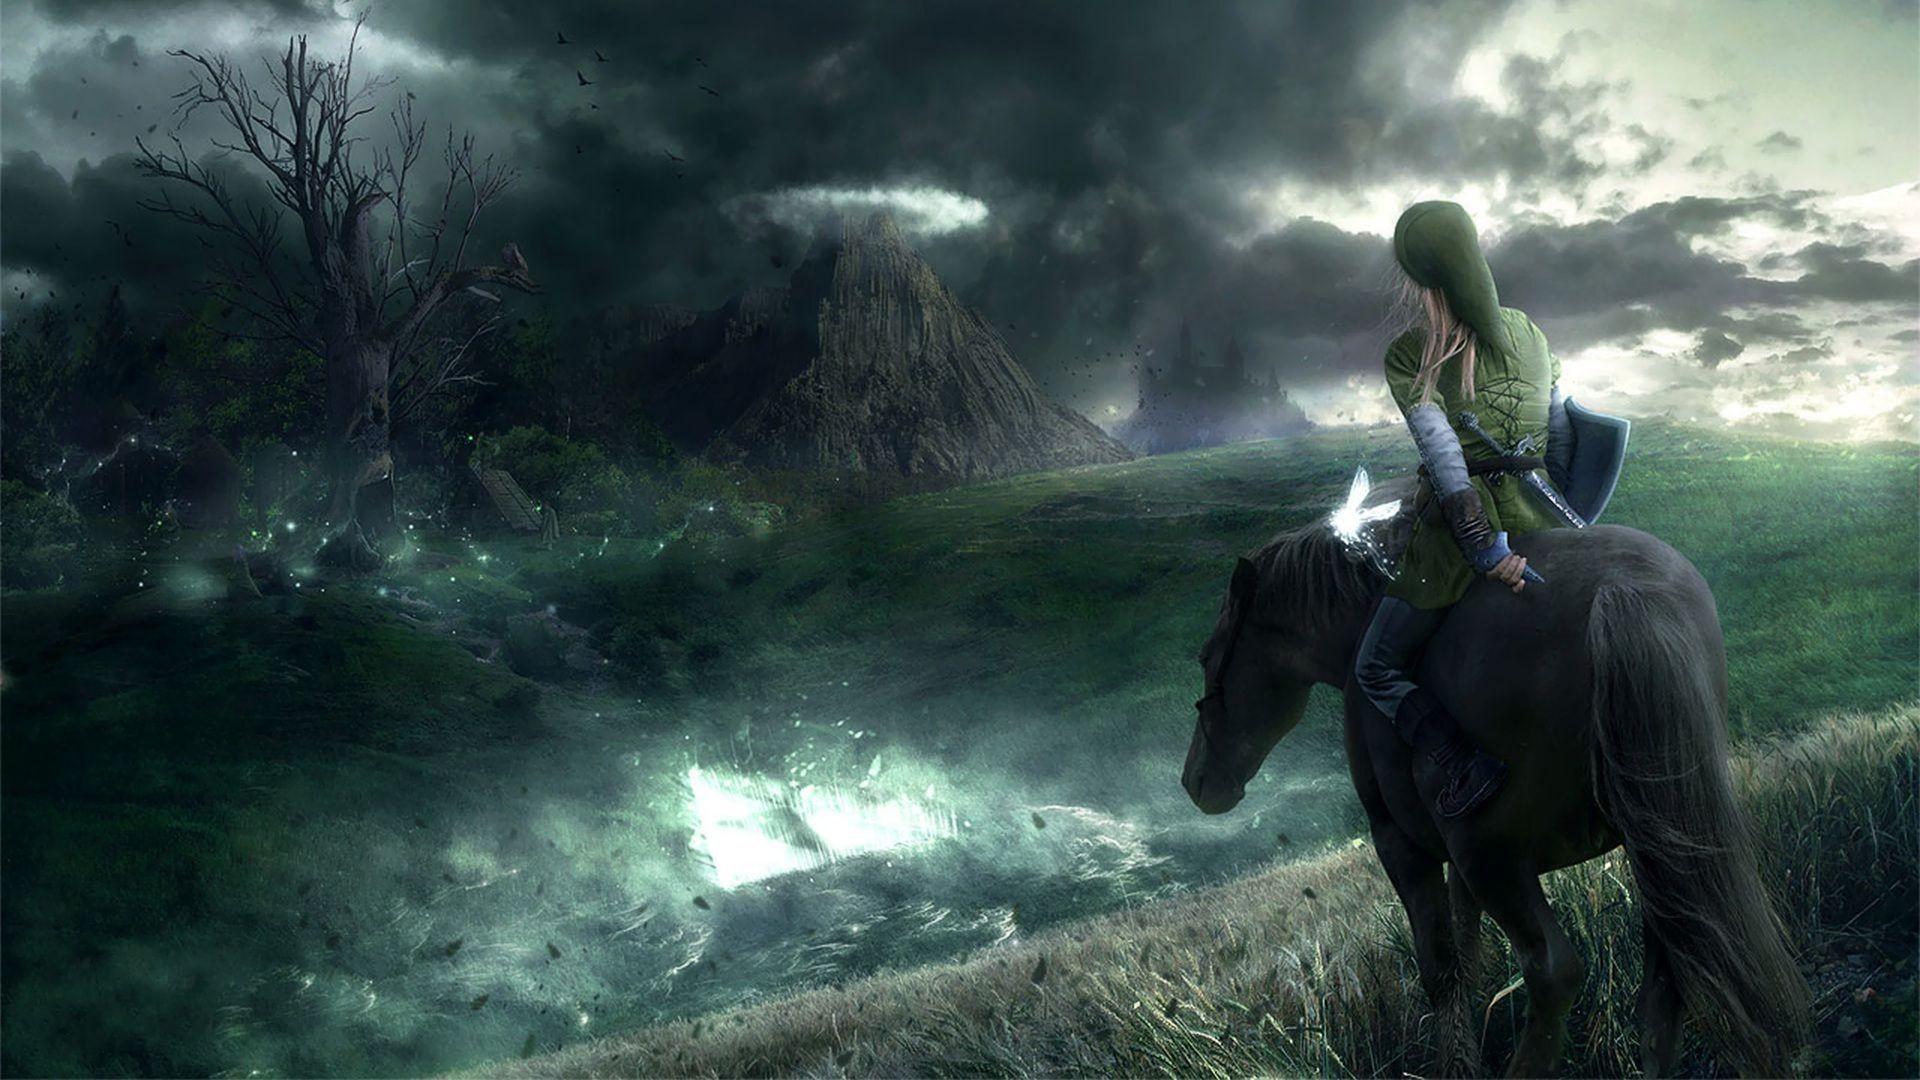 The Legend Of Zelda Wallpaper ① Download Free Amazing Hd